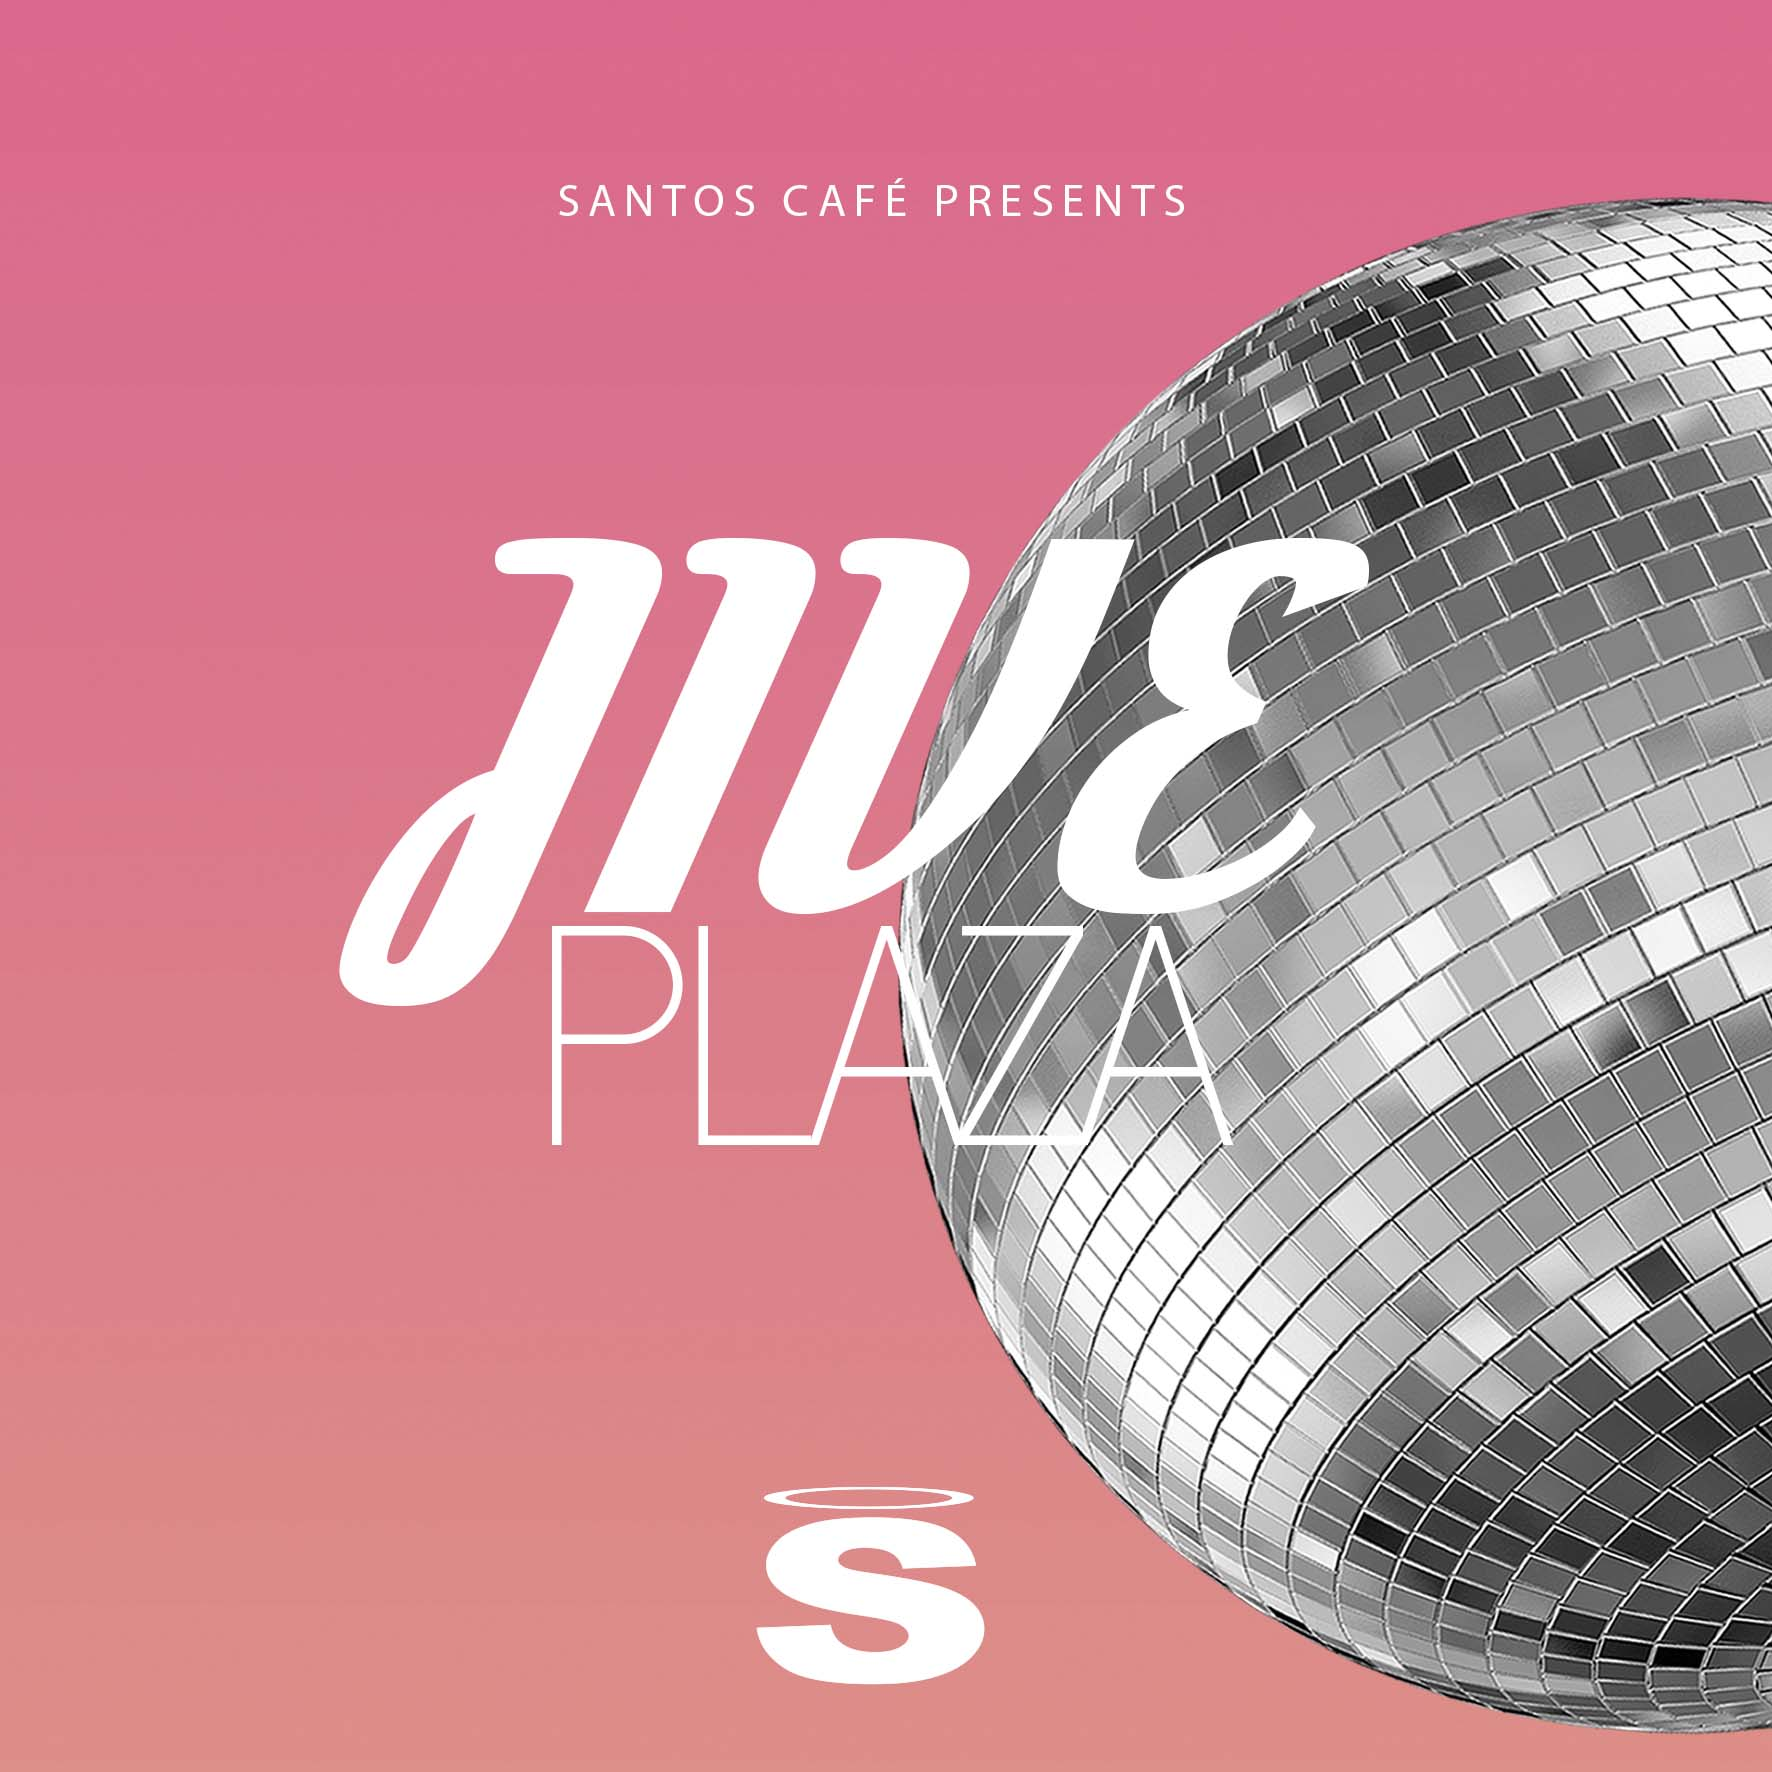 Jive plaza - Tijdens de Antwerp Pride zorgt Santos Café ervoor dat het Van Schoonbekeplein verandert in een dansende massa. Dankzij een mix van muziek en optredens, is dit je jaarlijkse afspraak voor de pride.